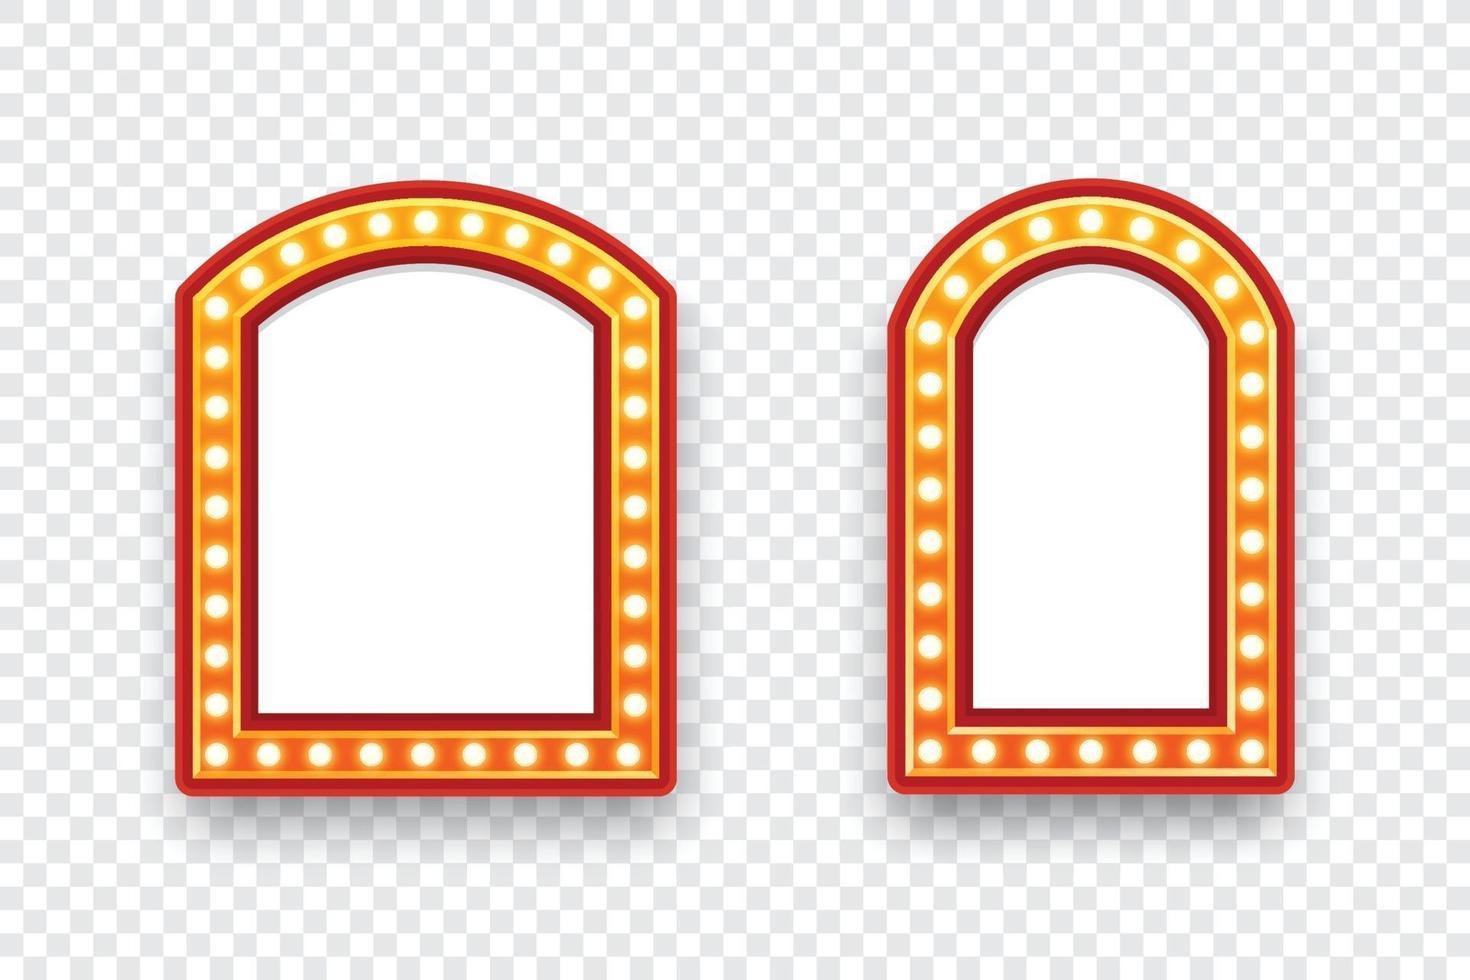 elektriska glödlampor skylt. uppsättning tomma retro ljusramar för text. vektor illustration